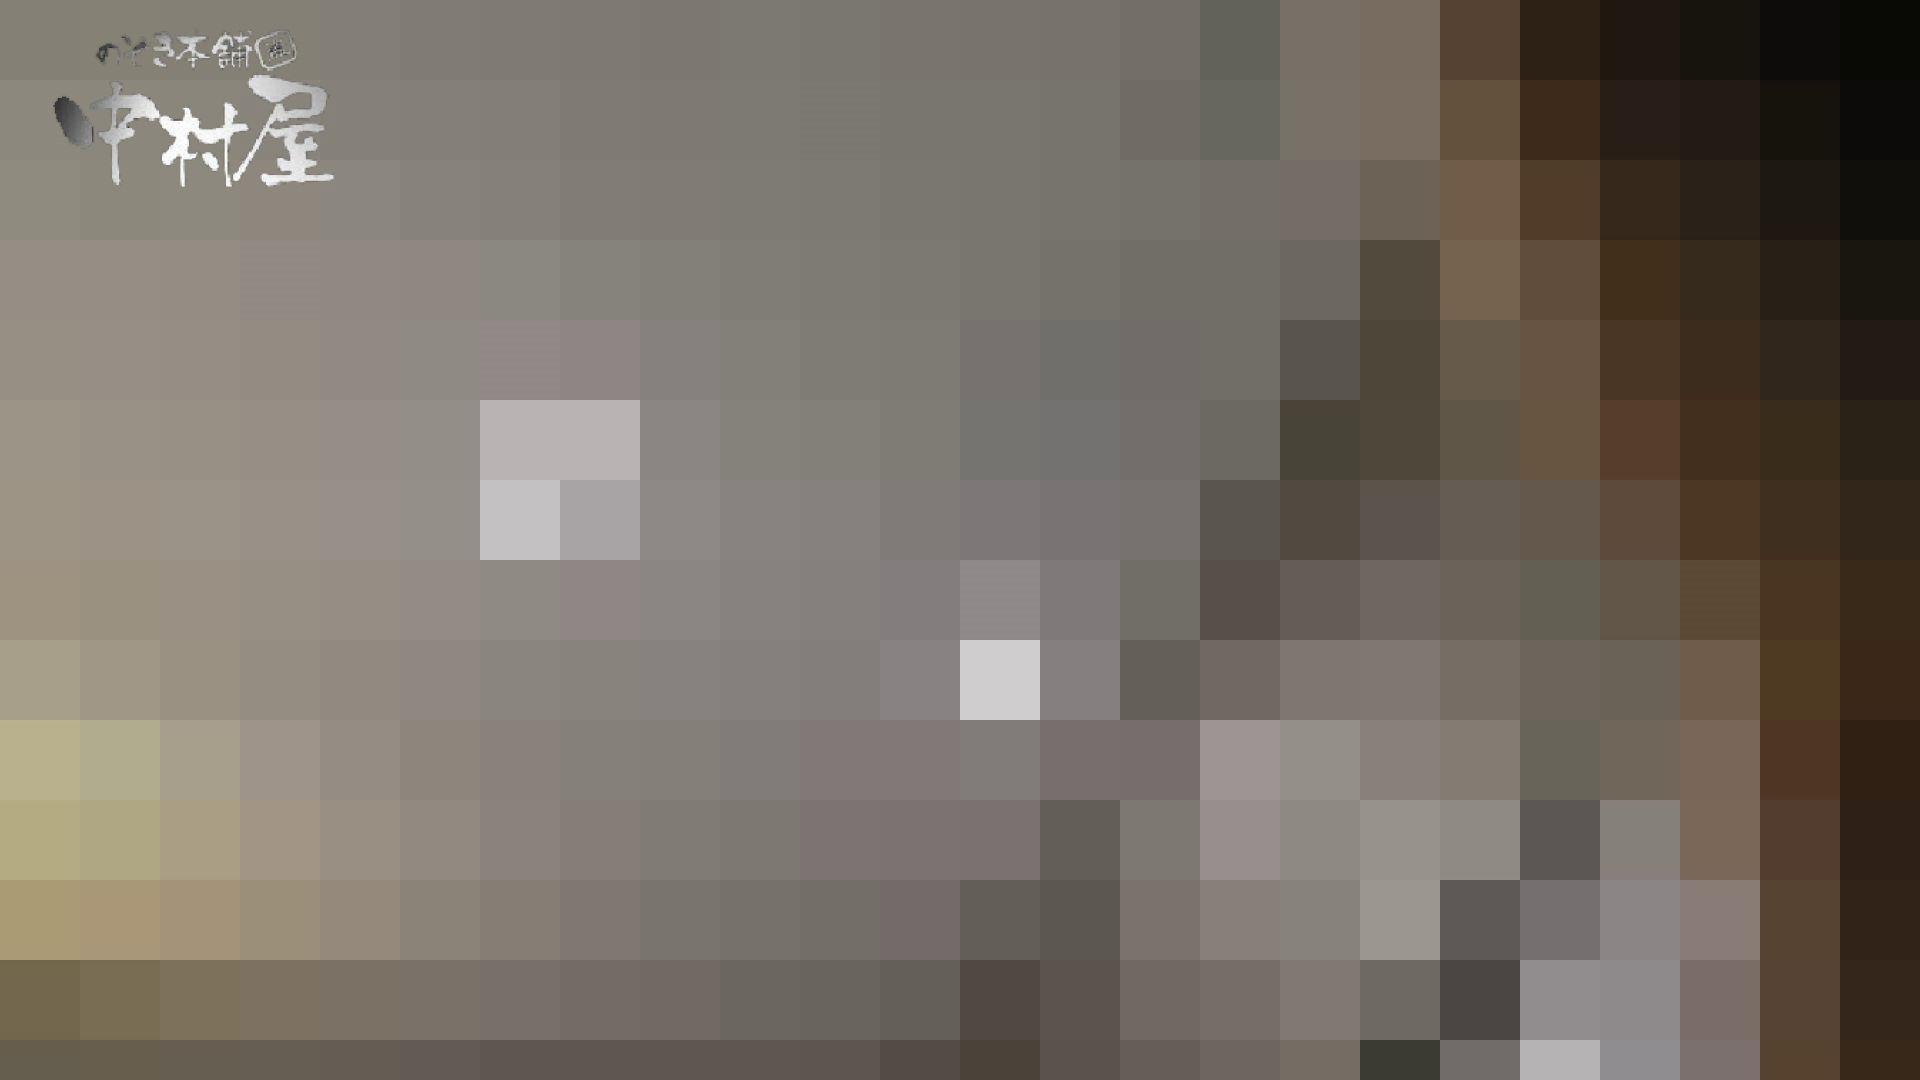 【世界の射窓から】世界の射窓から vol.18後編 洗面所編  102PIX 100